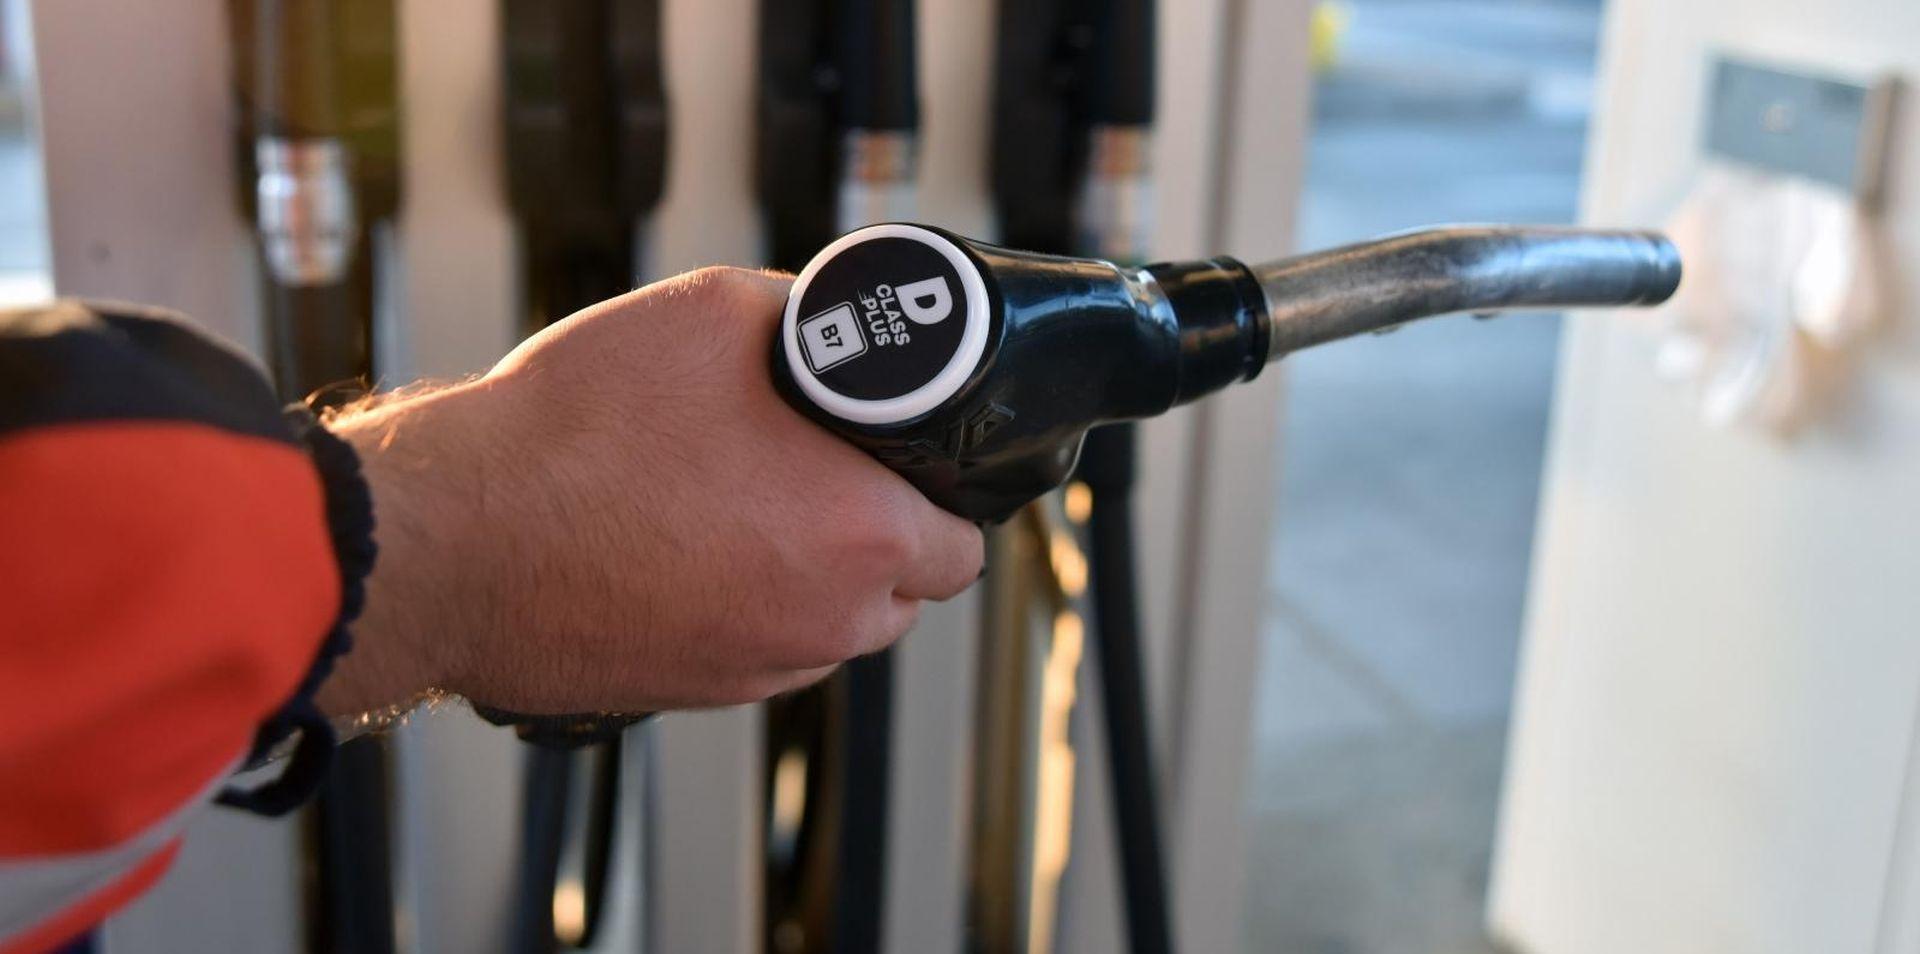 Od jutros jeftinije gorivo, benzin još uvijek jeftiniji od dizela